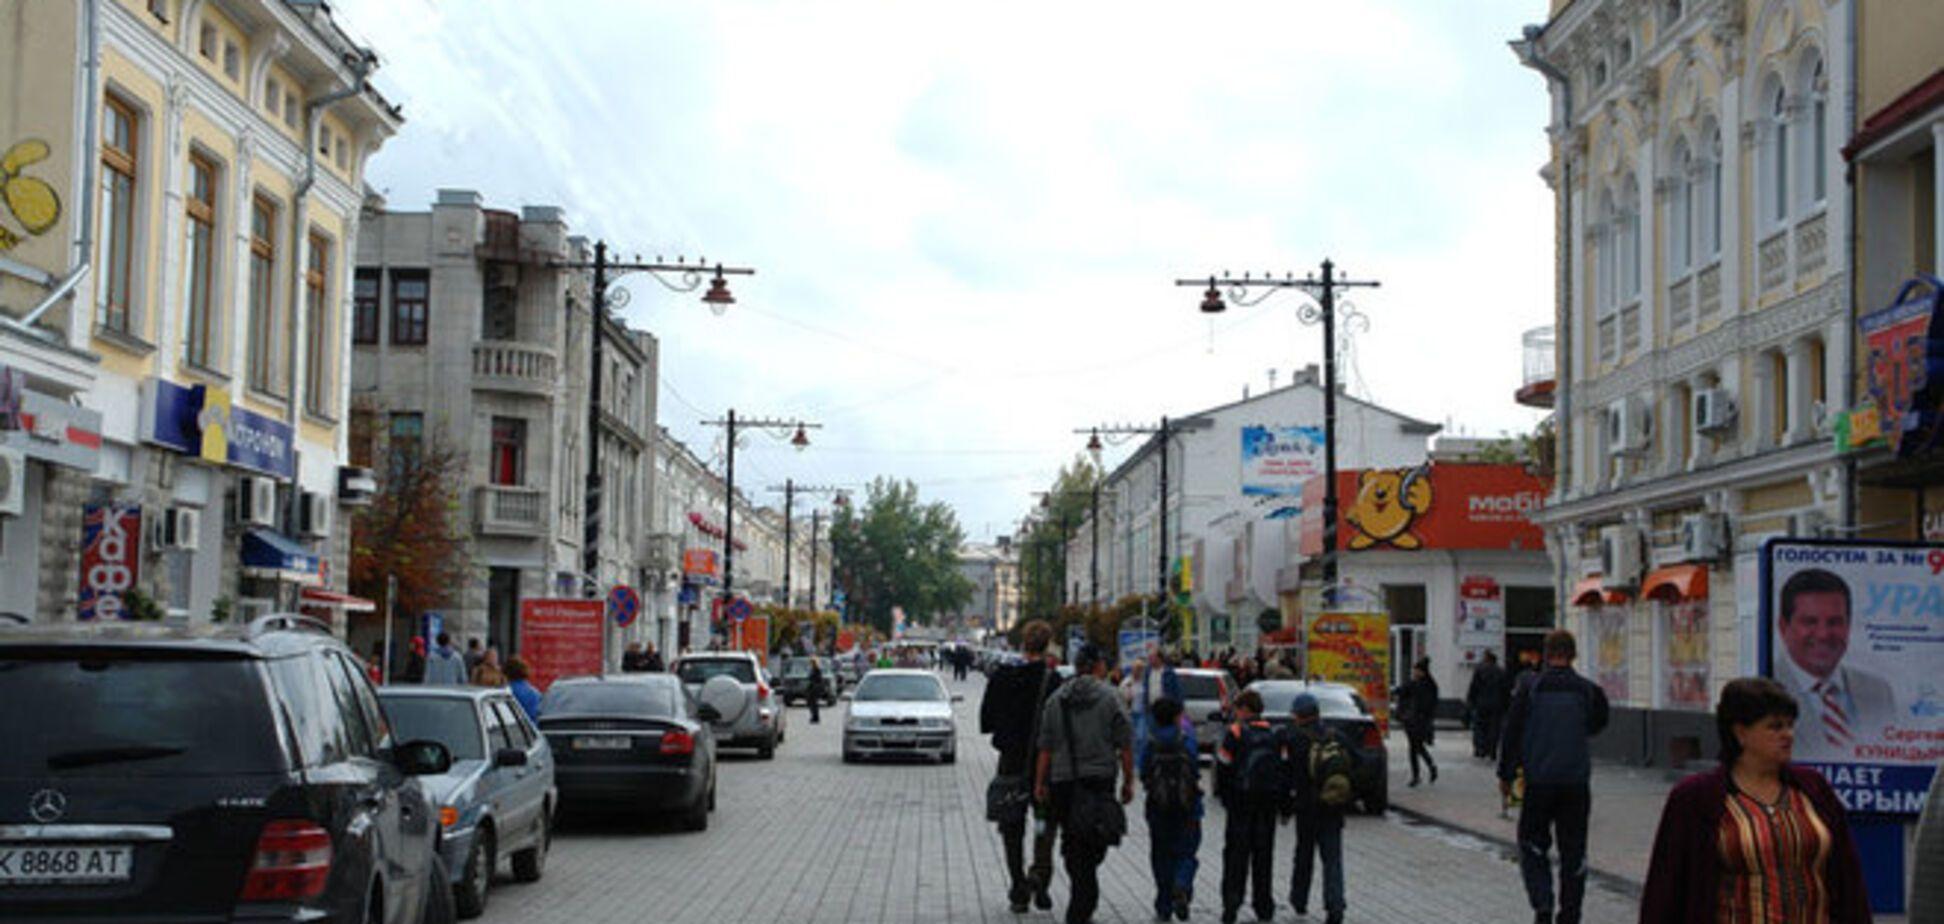 ФСБ закупает квартиры в аннексированном Крыму